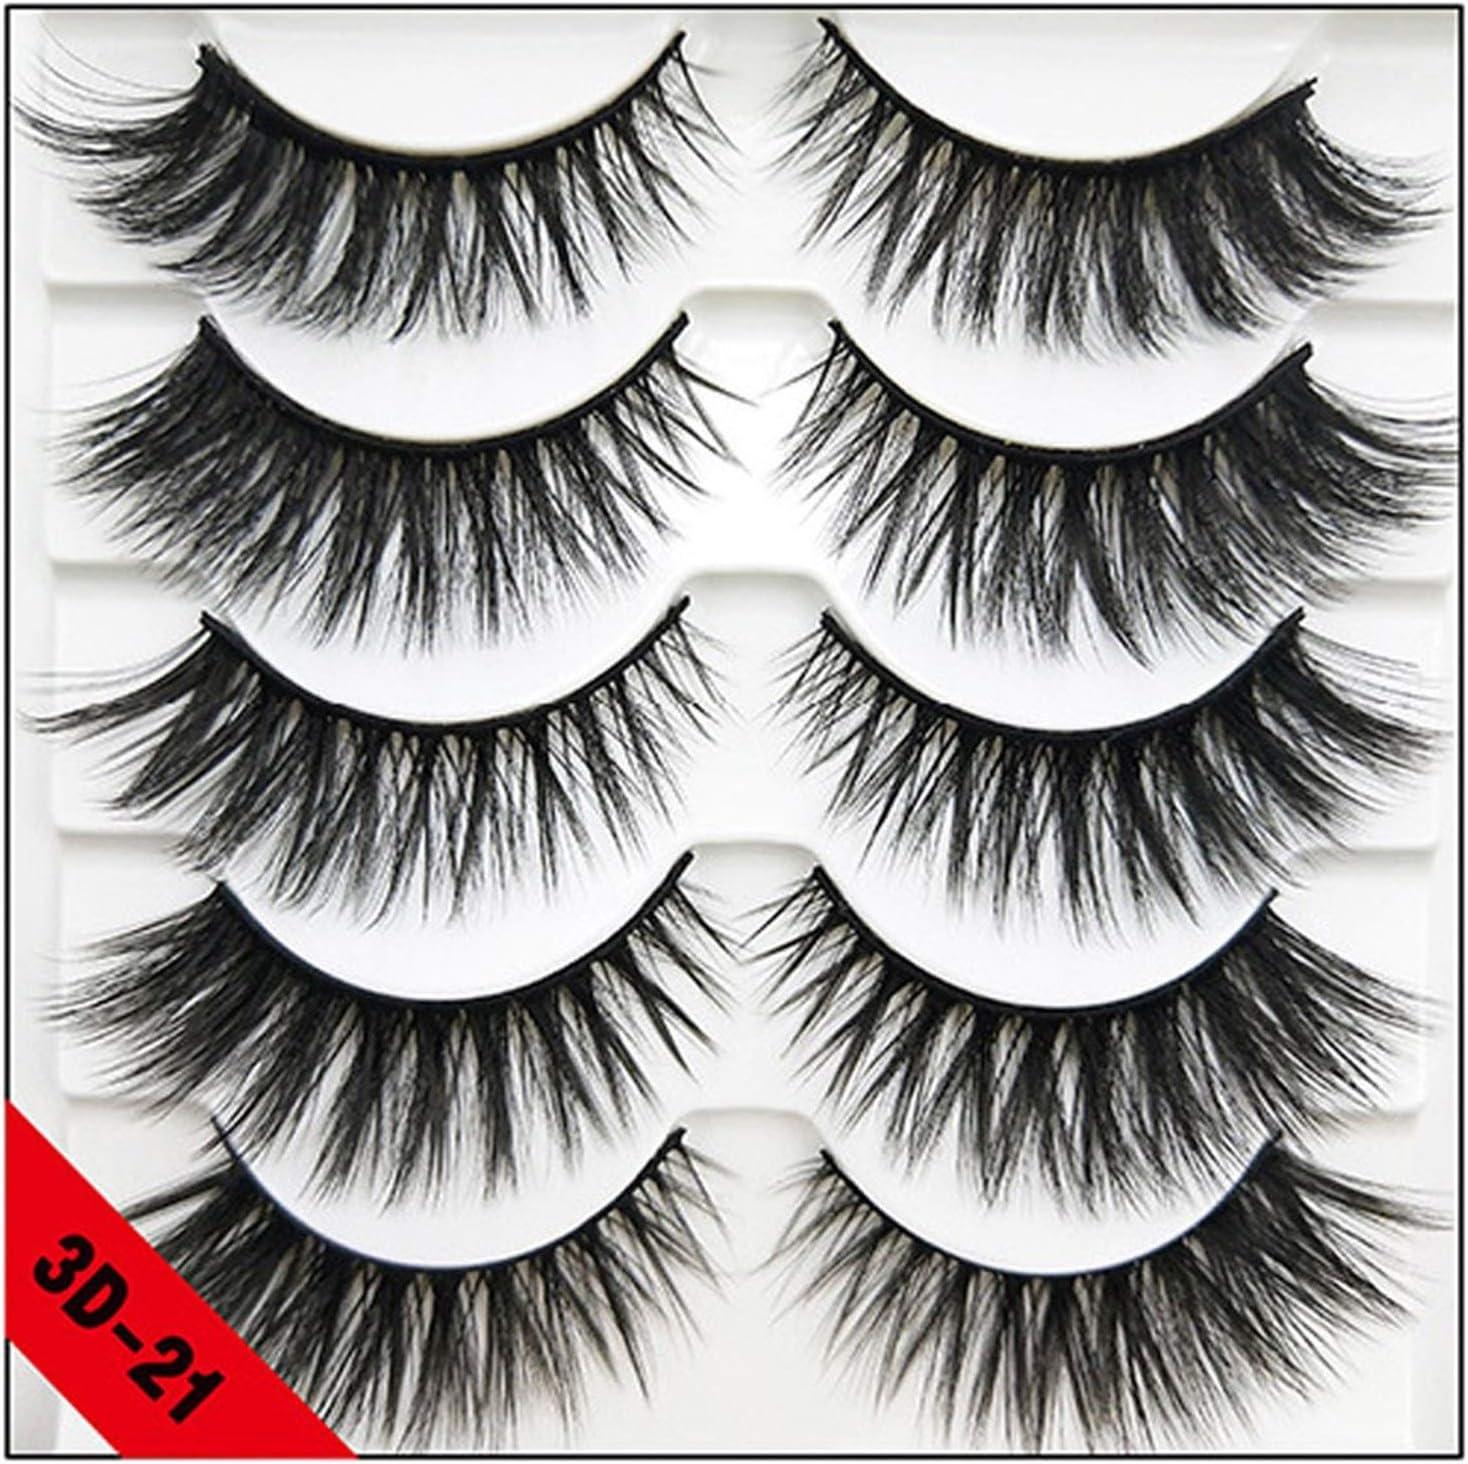 5 Jacksonville Mall Max 80% OFF Pairs Natural False Eyelashes Fake Long Lashes Makeup 3d Mink